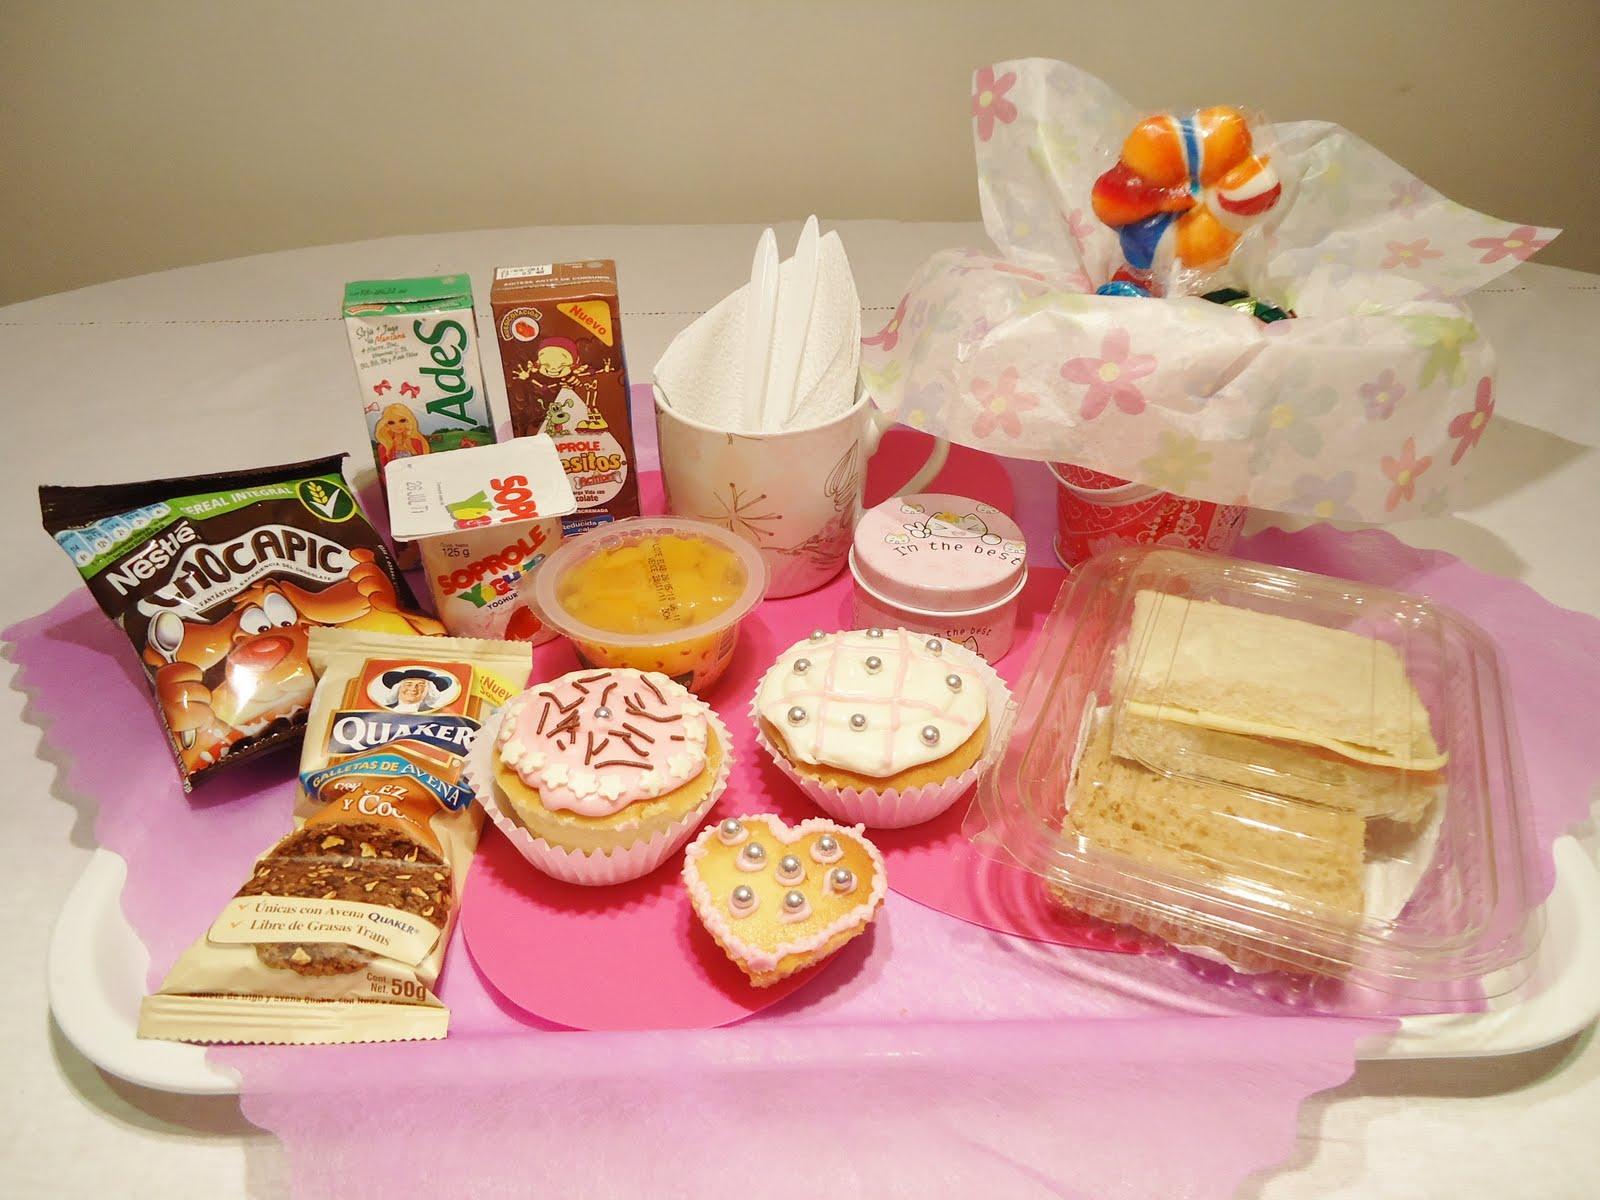 Desayunos y regalos sorpresa a domicilio un dulce share - Desayuno sorpresa madrid ...